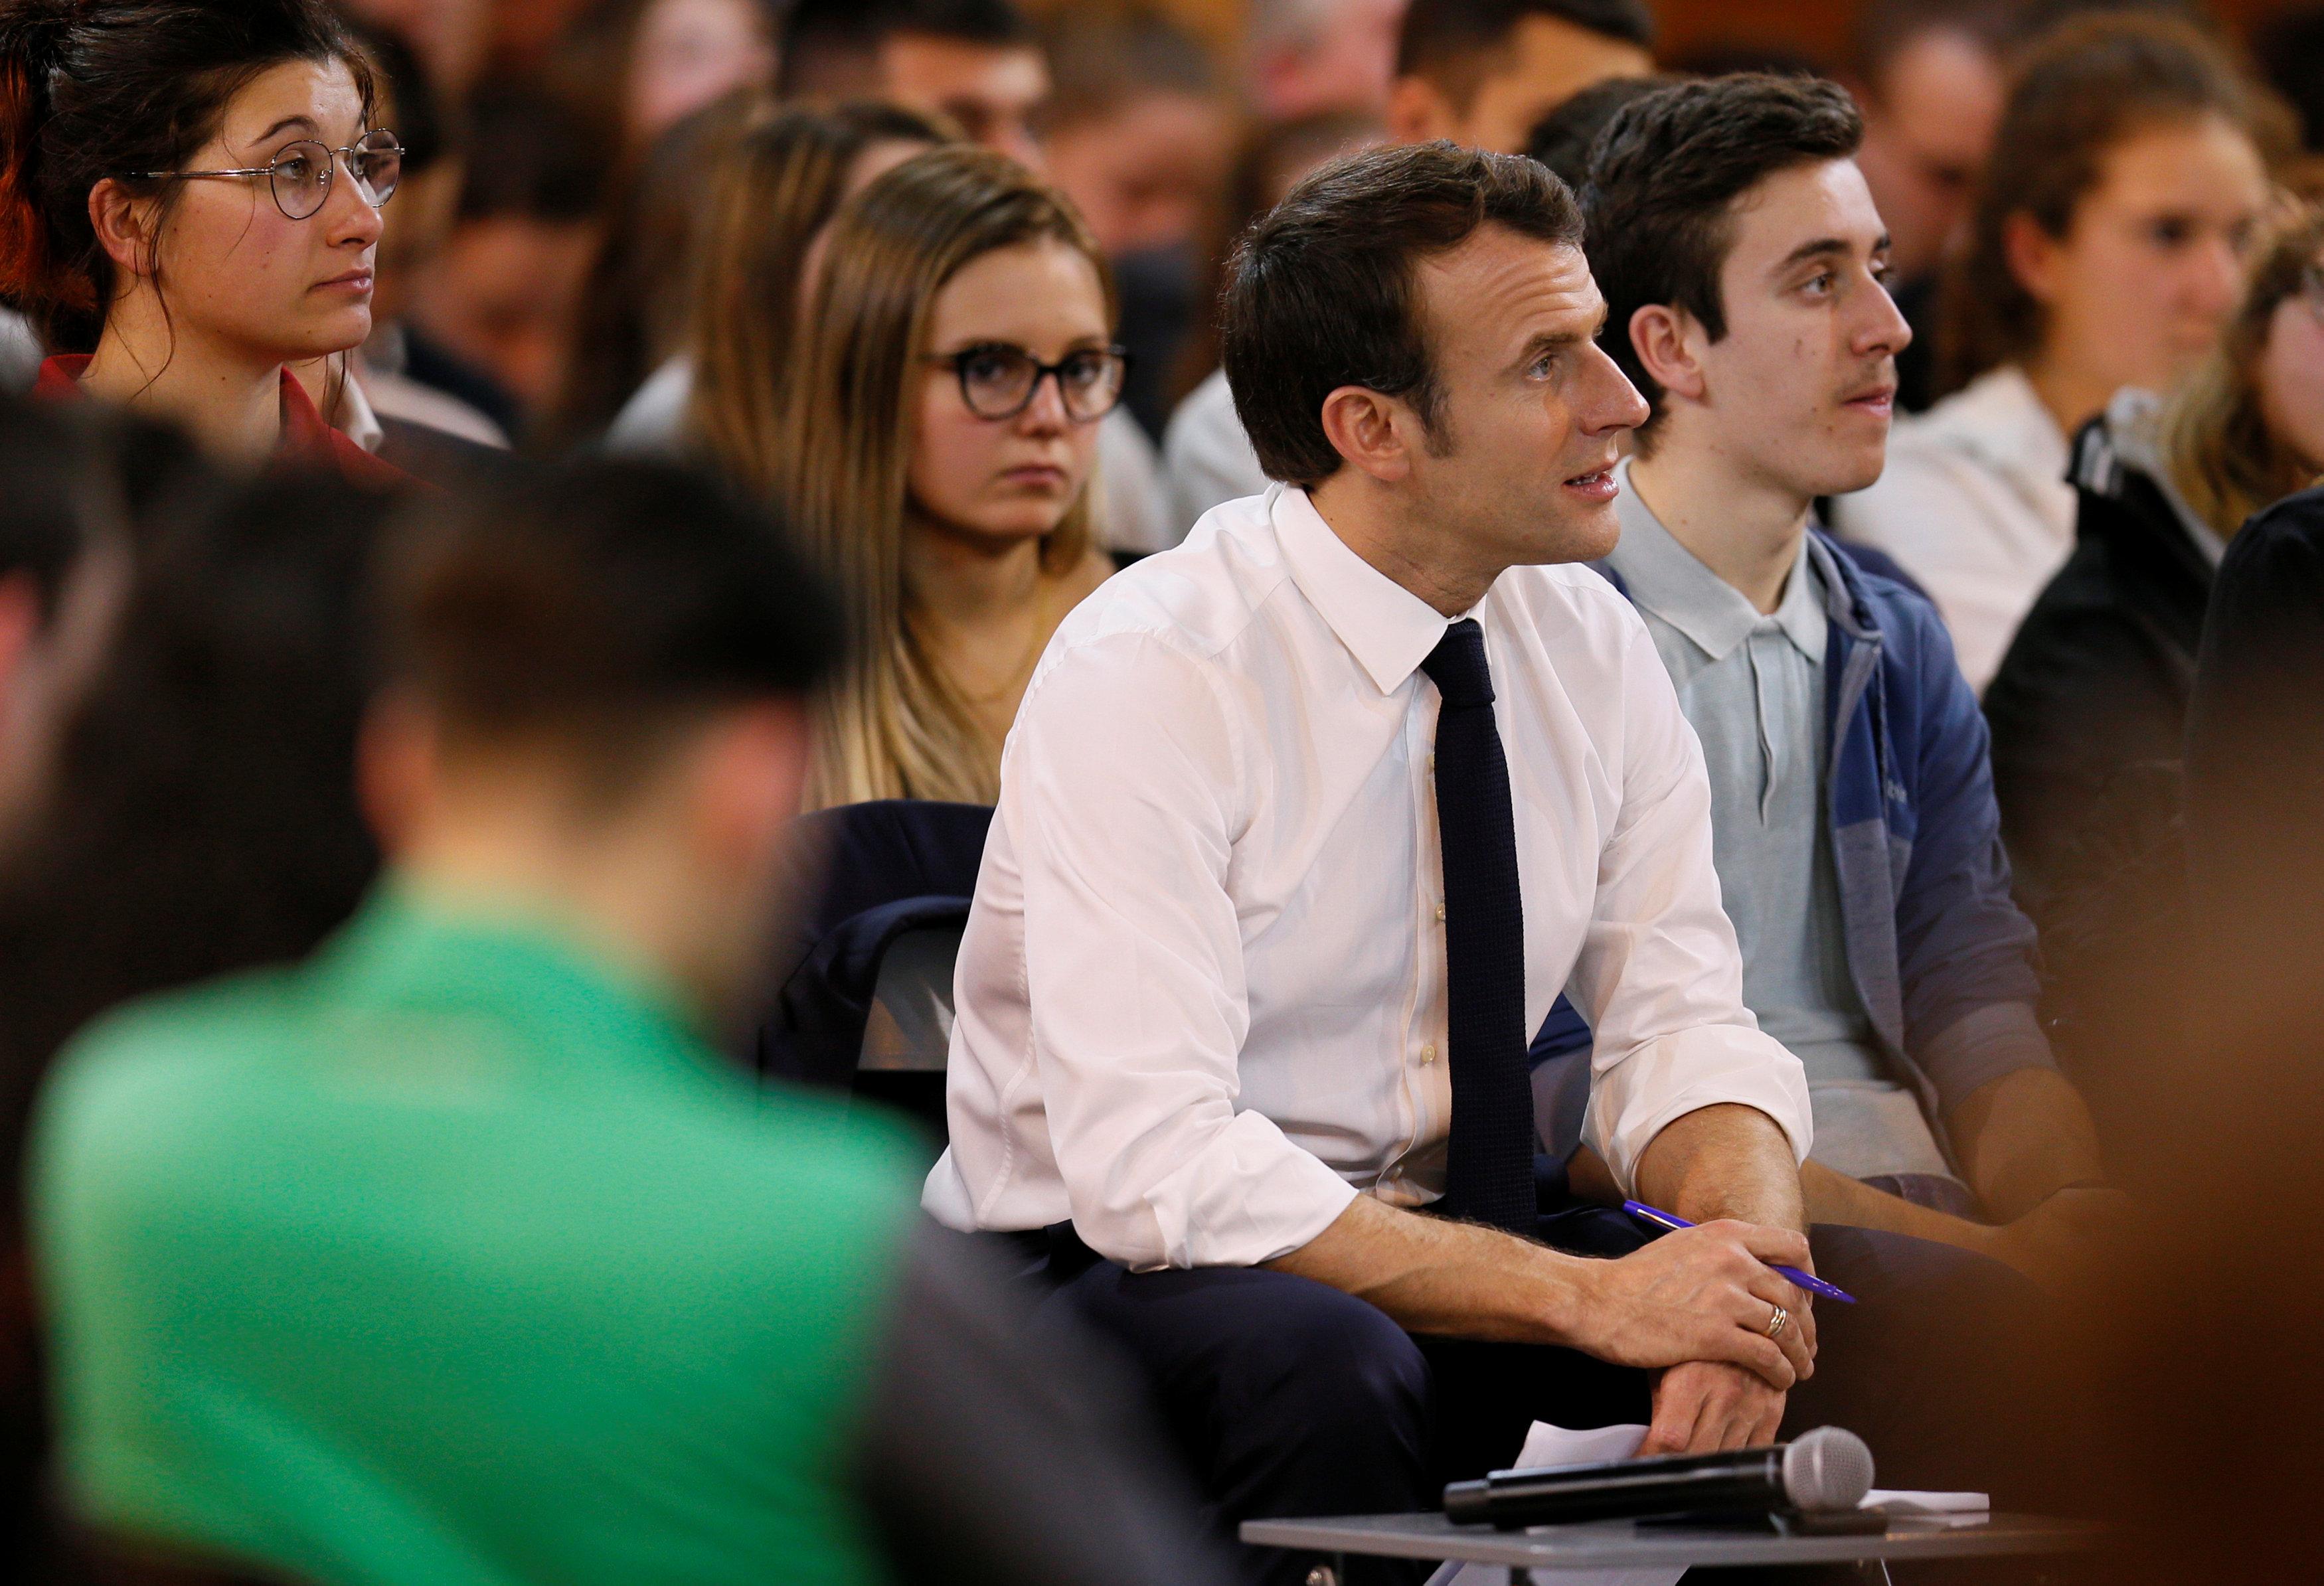 الرئيس الفرنسى يستمع باهتمام للشباب